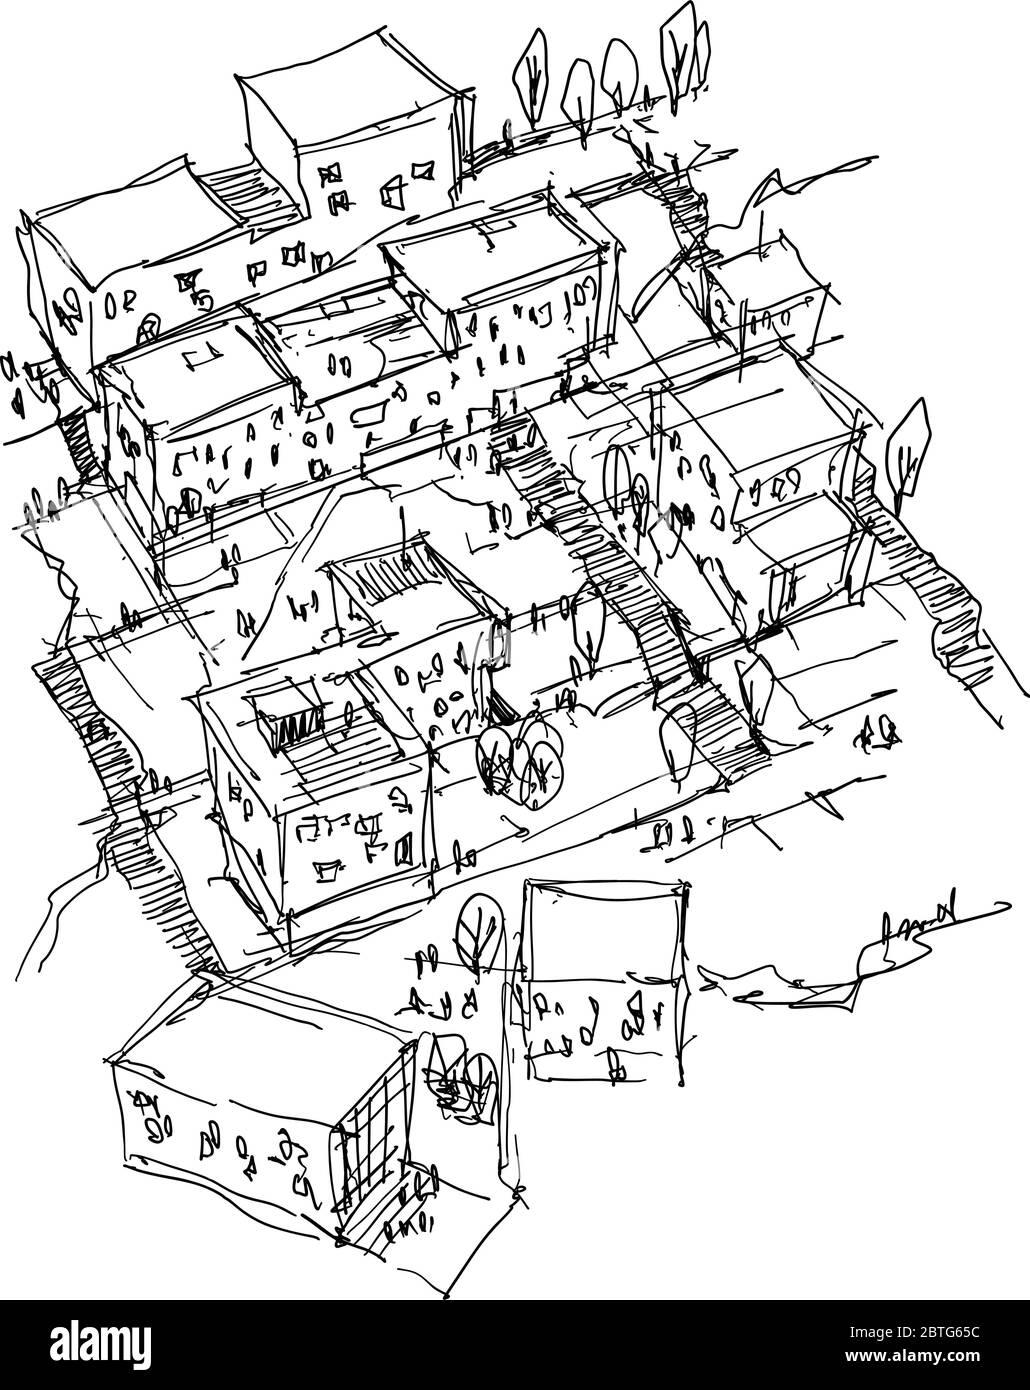 dibujo arquitectónico dibujado a mano de un urbanismo moderno con buidlings y gente alrededor Ilustración del Vector